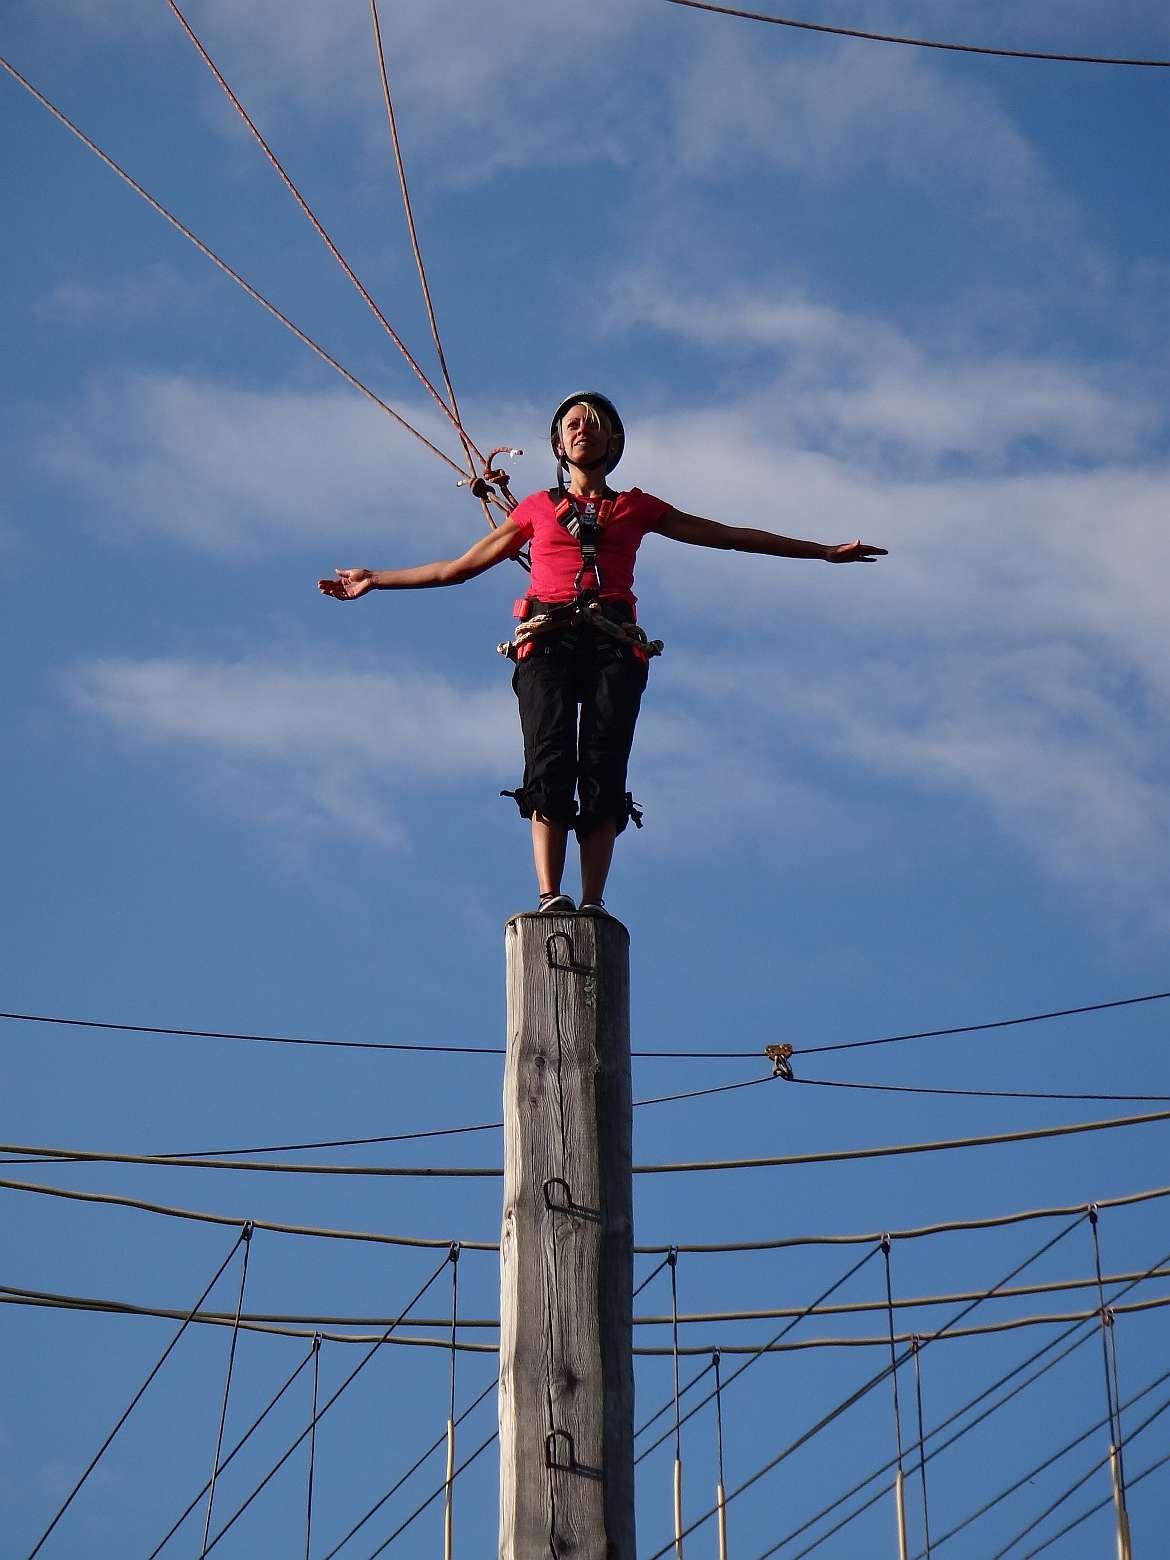 FLASHPACKER | Karin auf einem 8m Pfahl im Hochseilgarten am Tegernsee in Deutschland